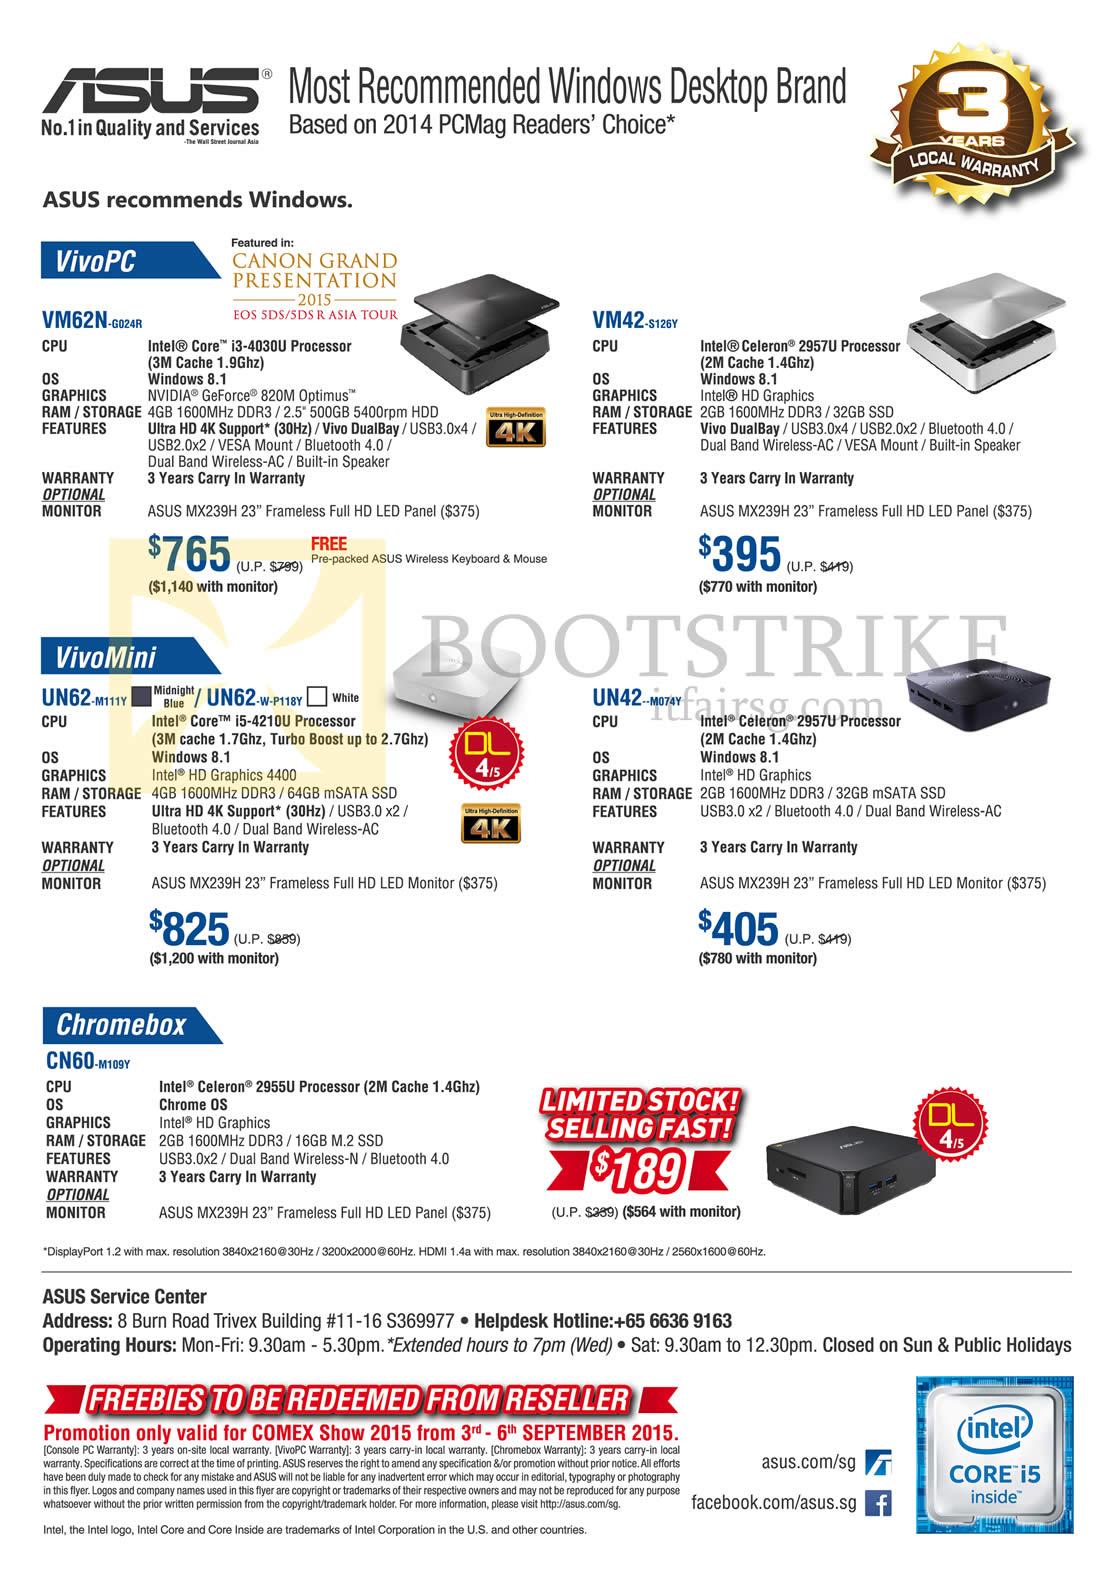 COMEX 2015 price list image brochure of ASUS Desktop PCs Compact Mini, VivoPC VM62N-G024R, VM42-S126Y, VivoMini UN62-M111Y, UN42--M074Y, Chromebox CN60-M109Y